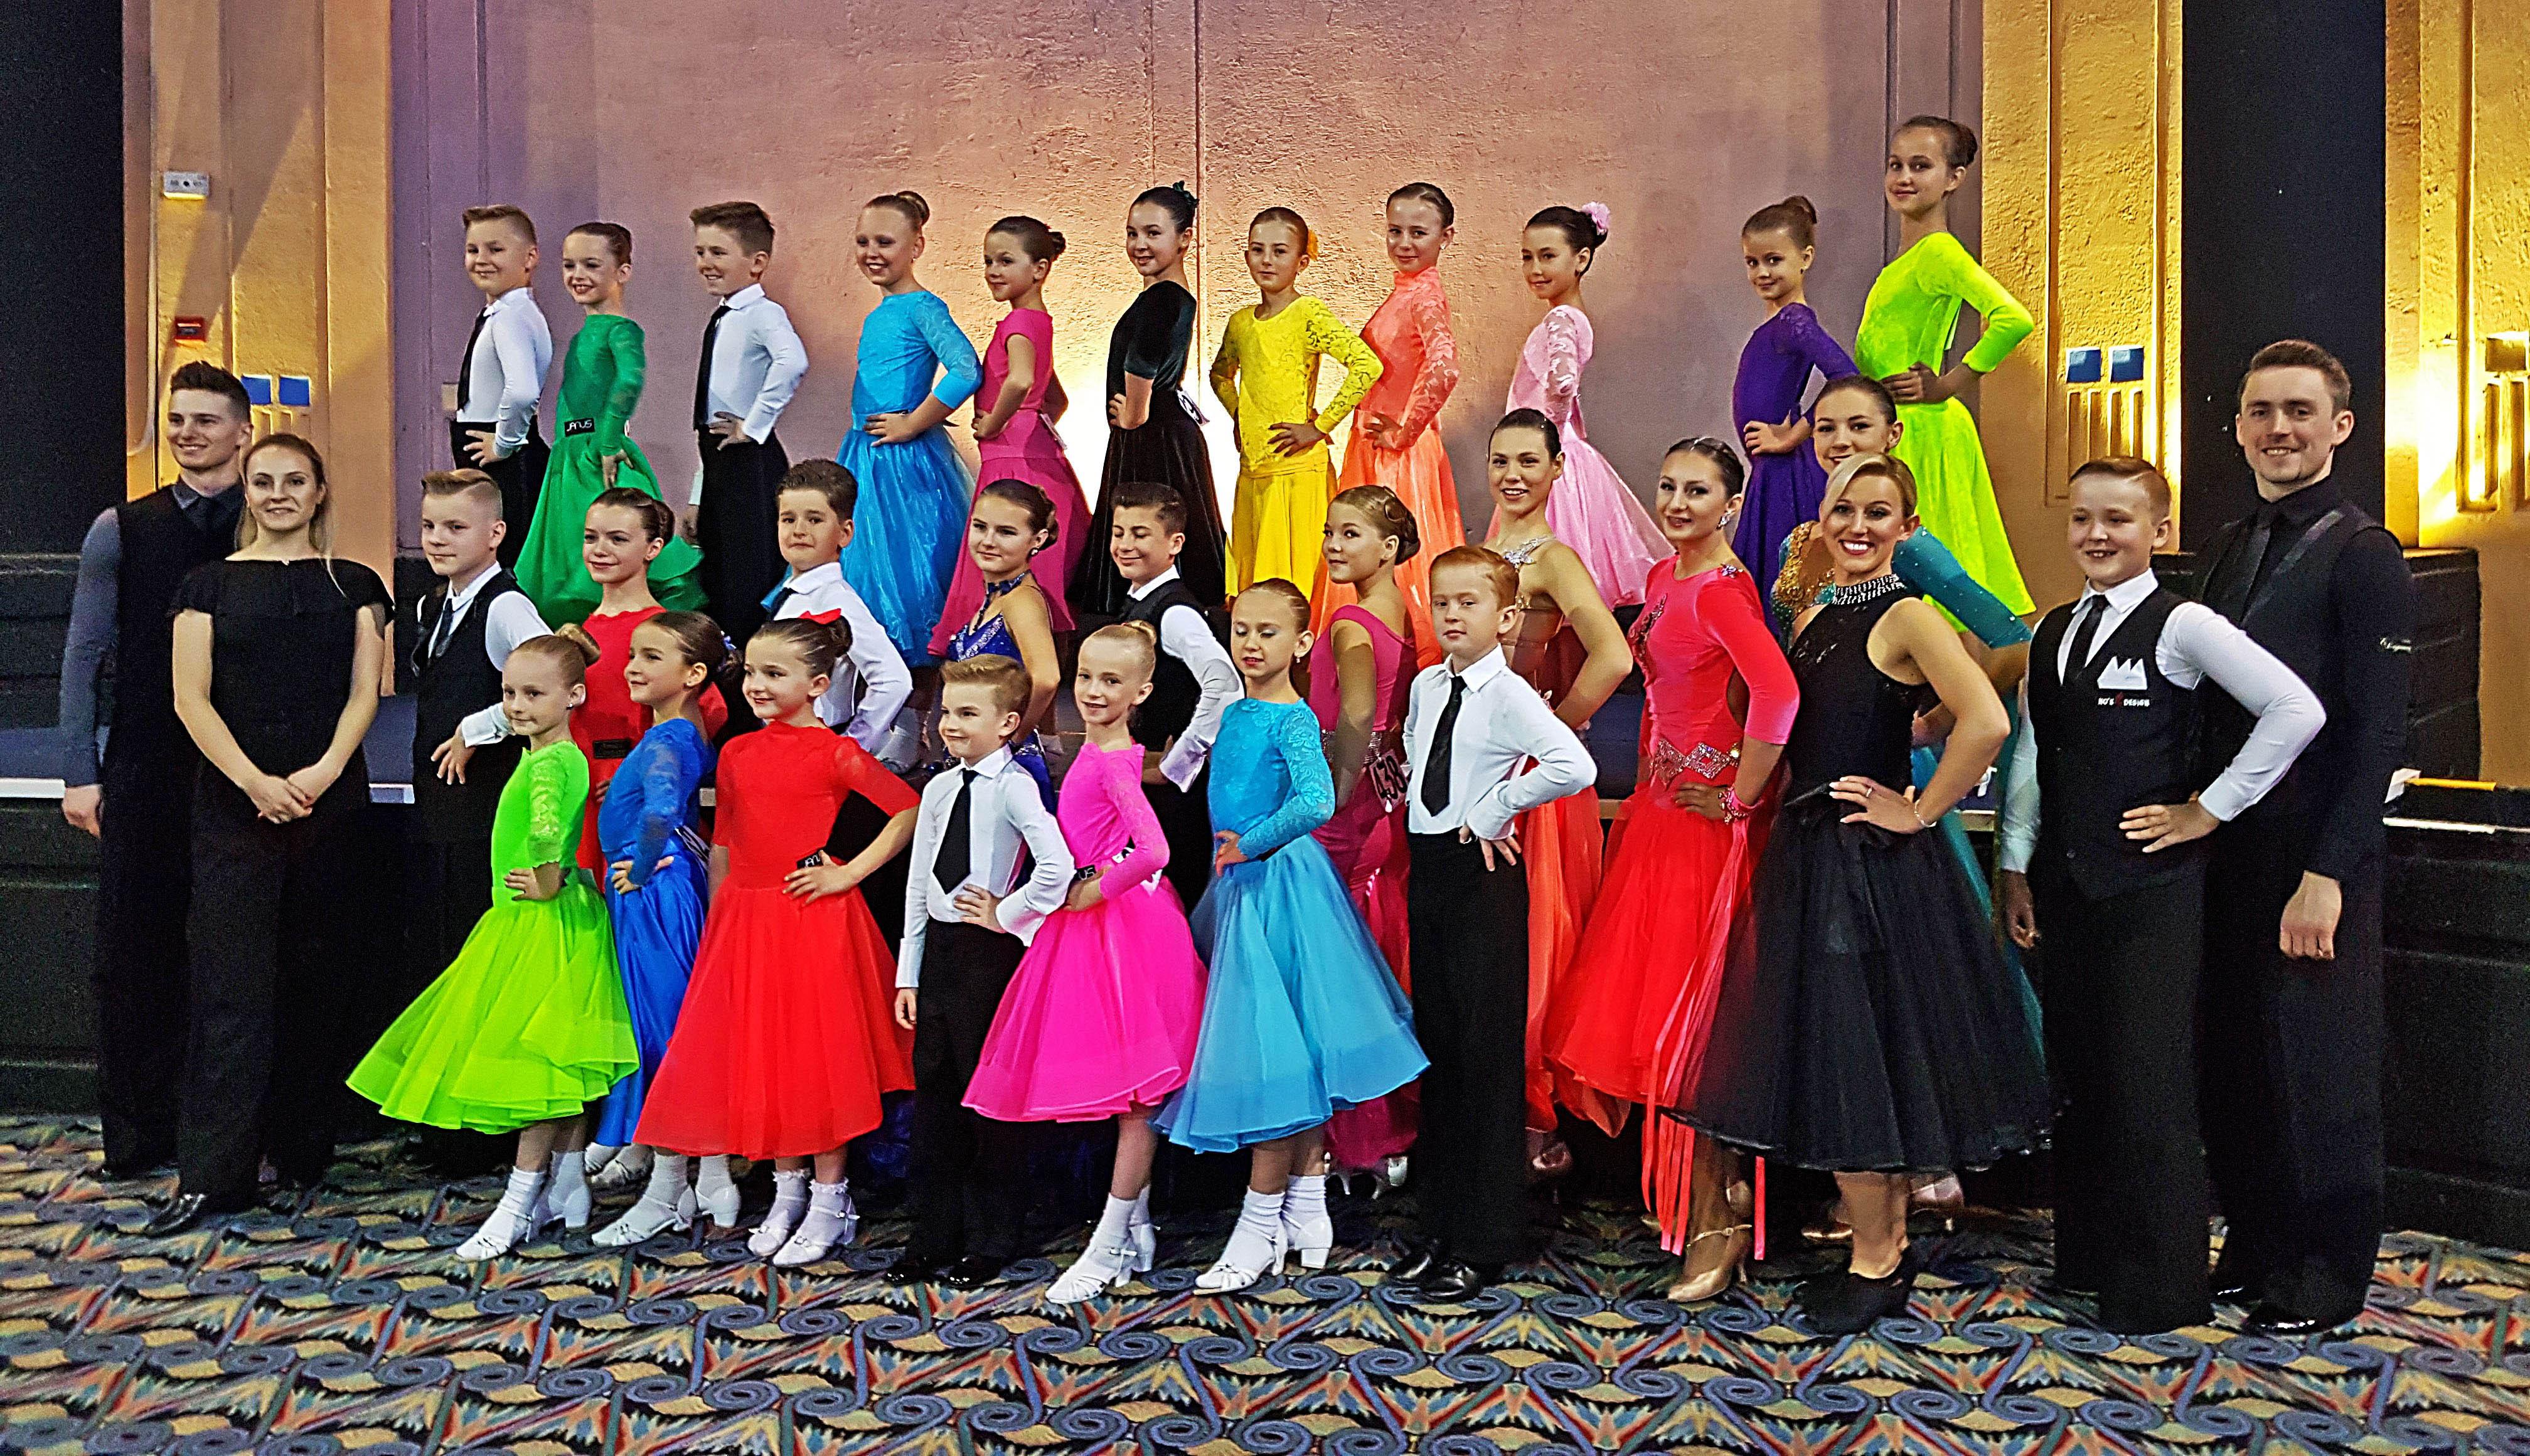 szkola tanca w londynie, nauka tanca dla dzieci, lekcje tanca prowadzone so na elaing i Greenford, szkola tanca w londynie, nauka tanca dla dzieci i mlodziezy